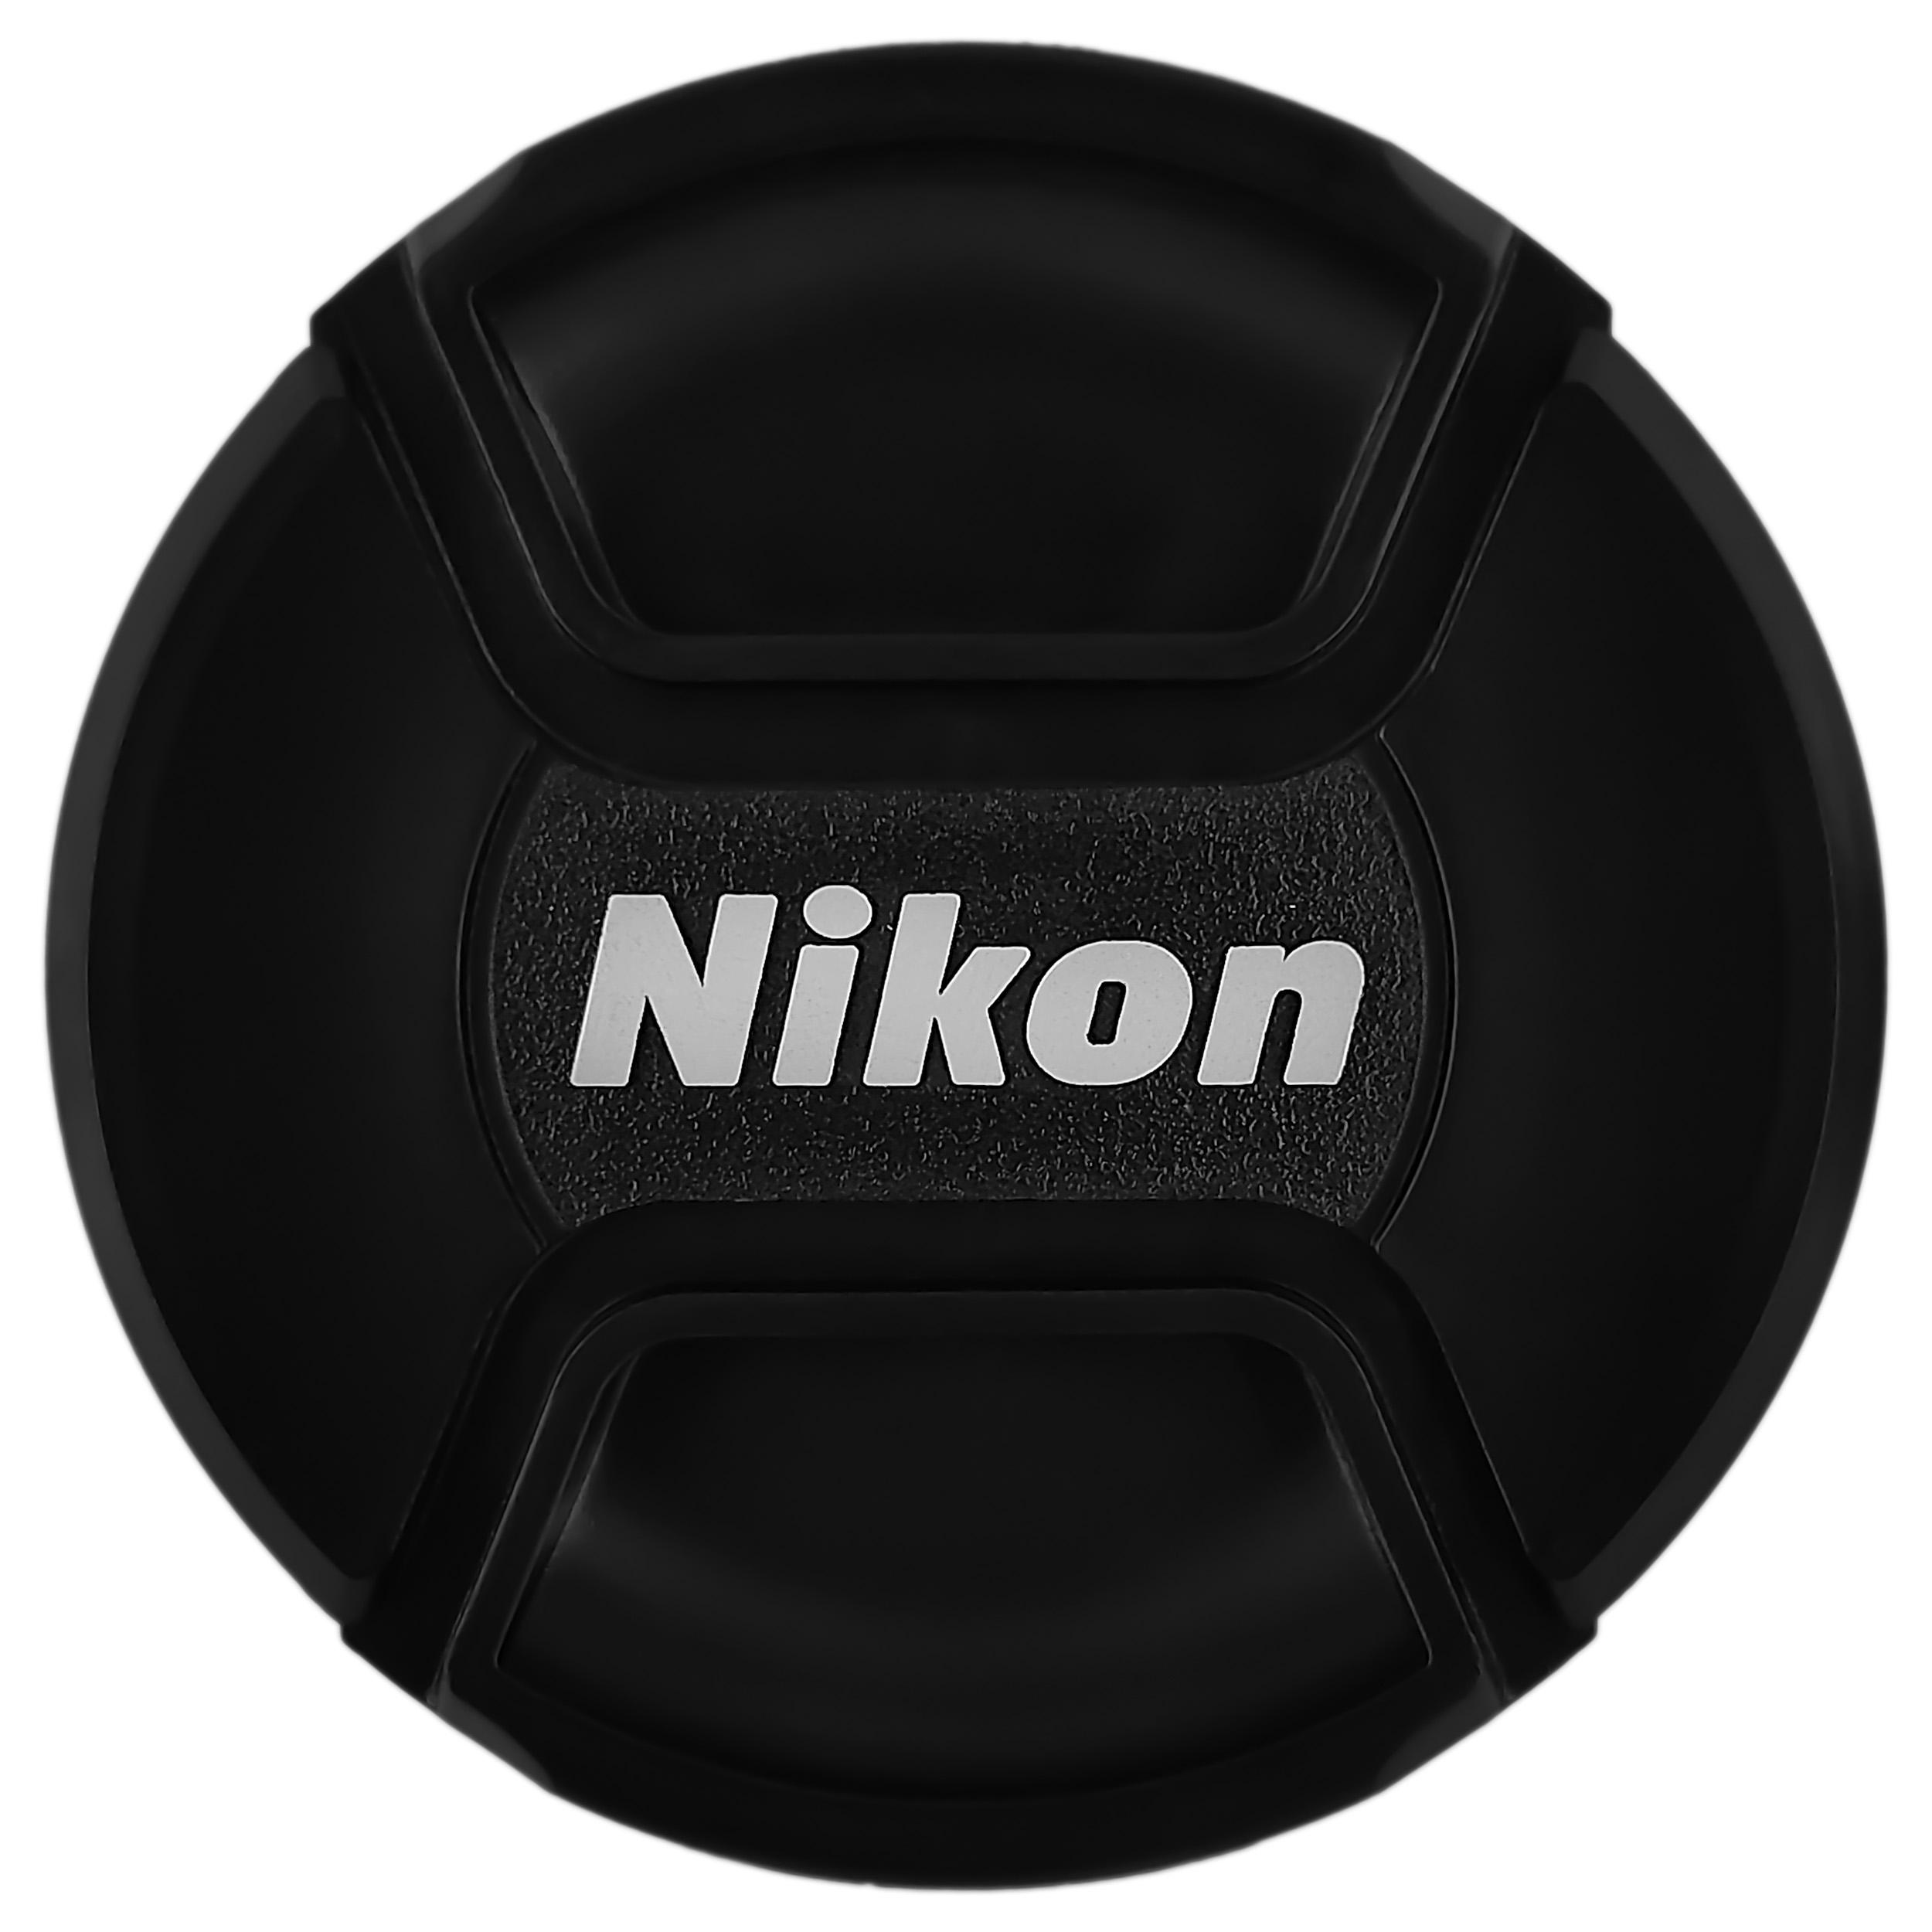 بررسی و {خرید با تخفیف} درپوش لنز نیکون مدل +A مناسب برای دهانه لنز 77 میلی متر اصل